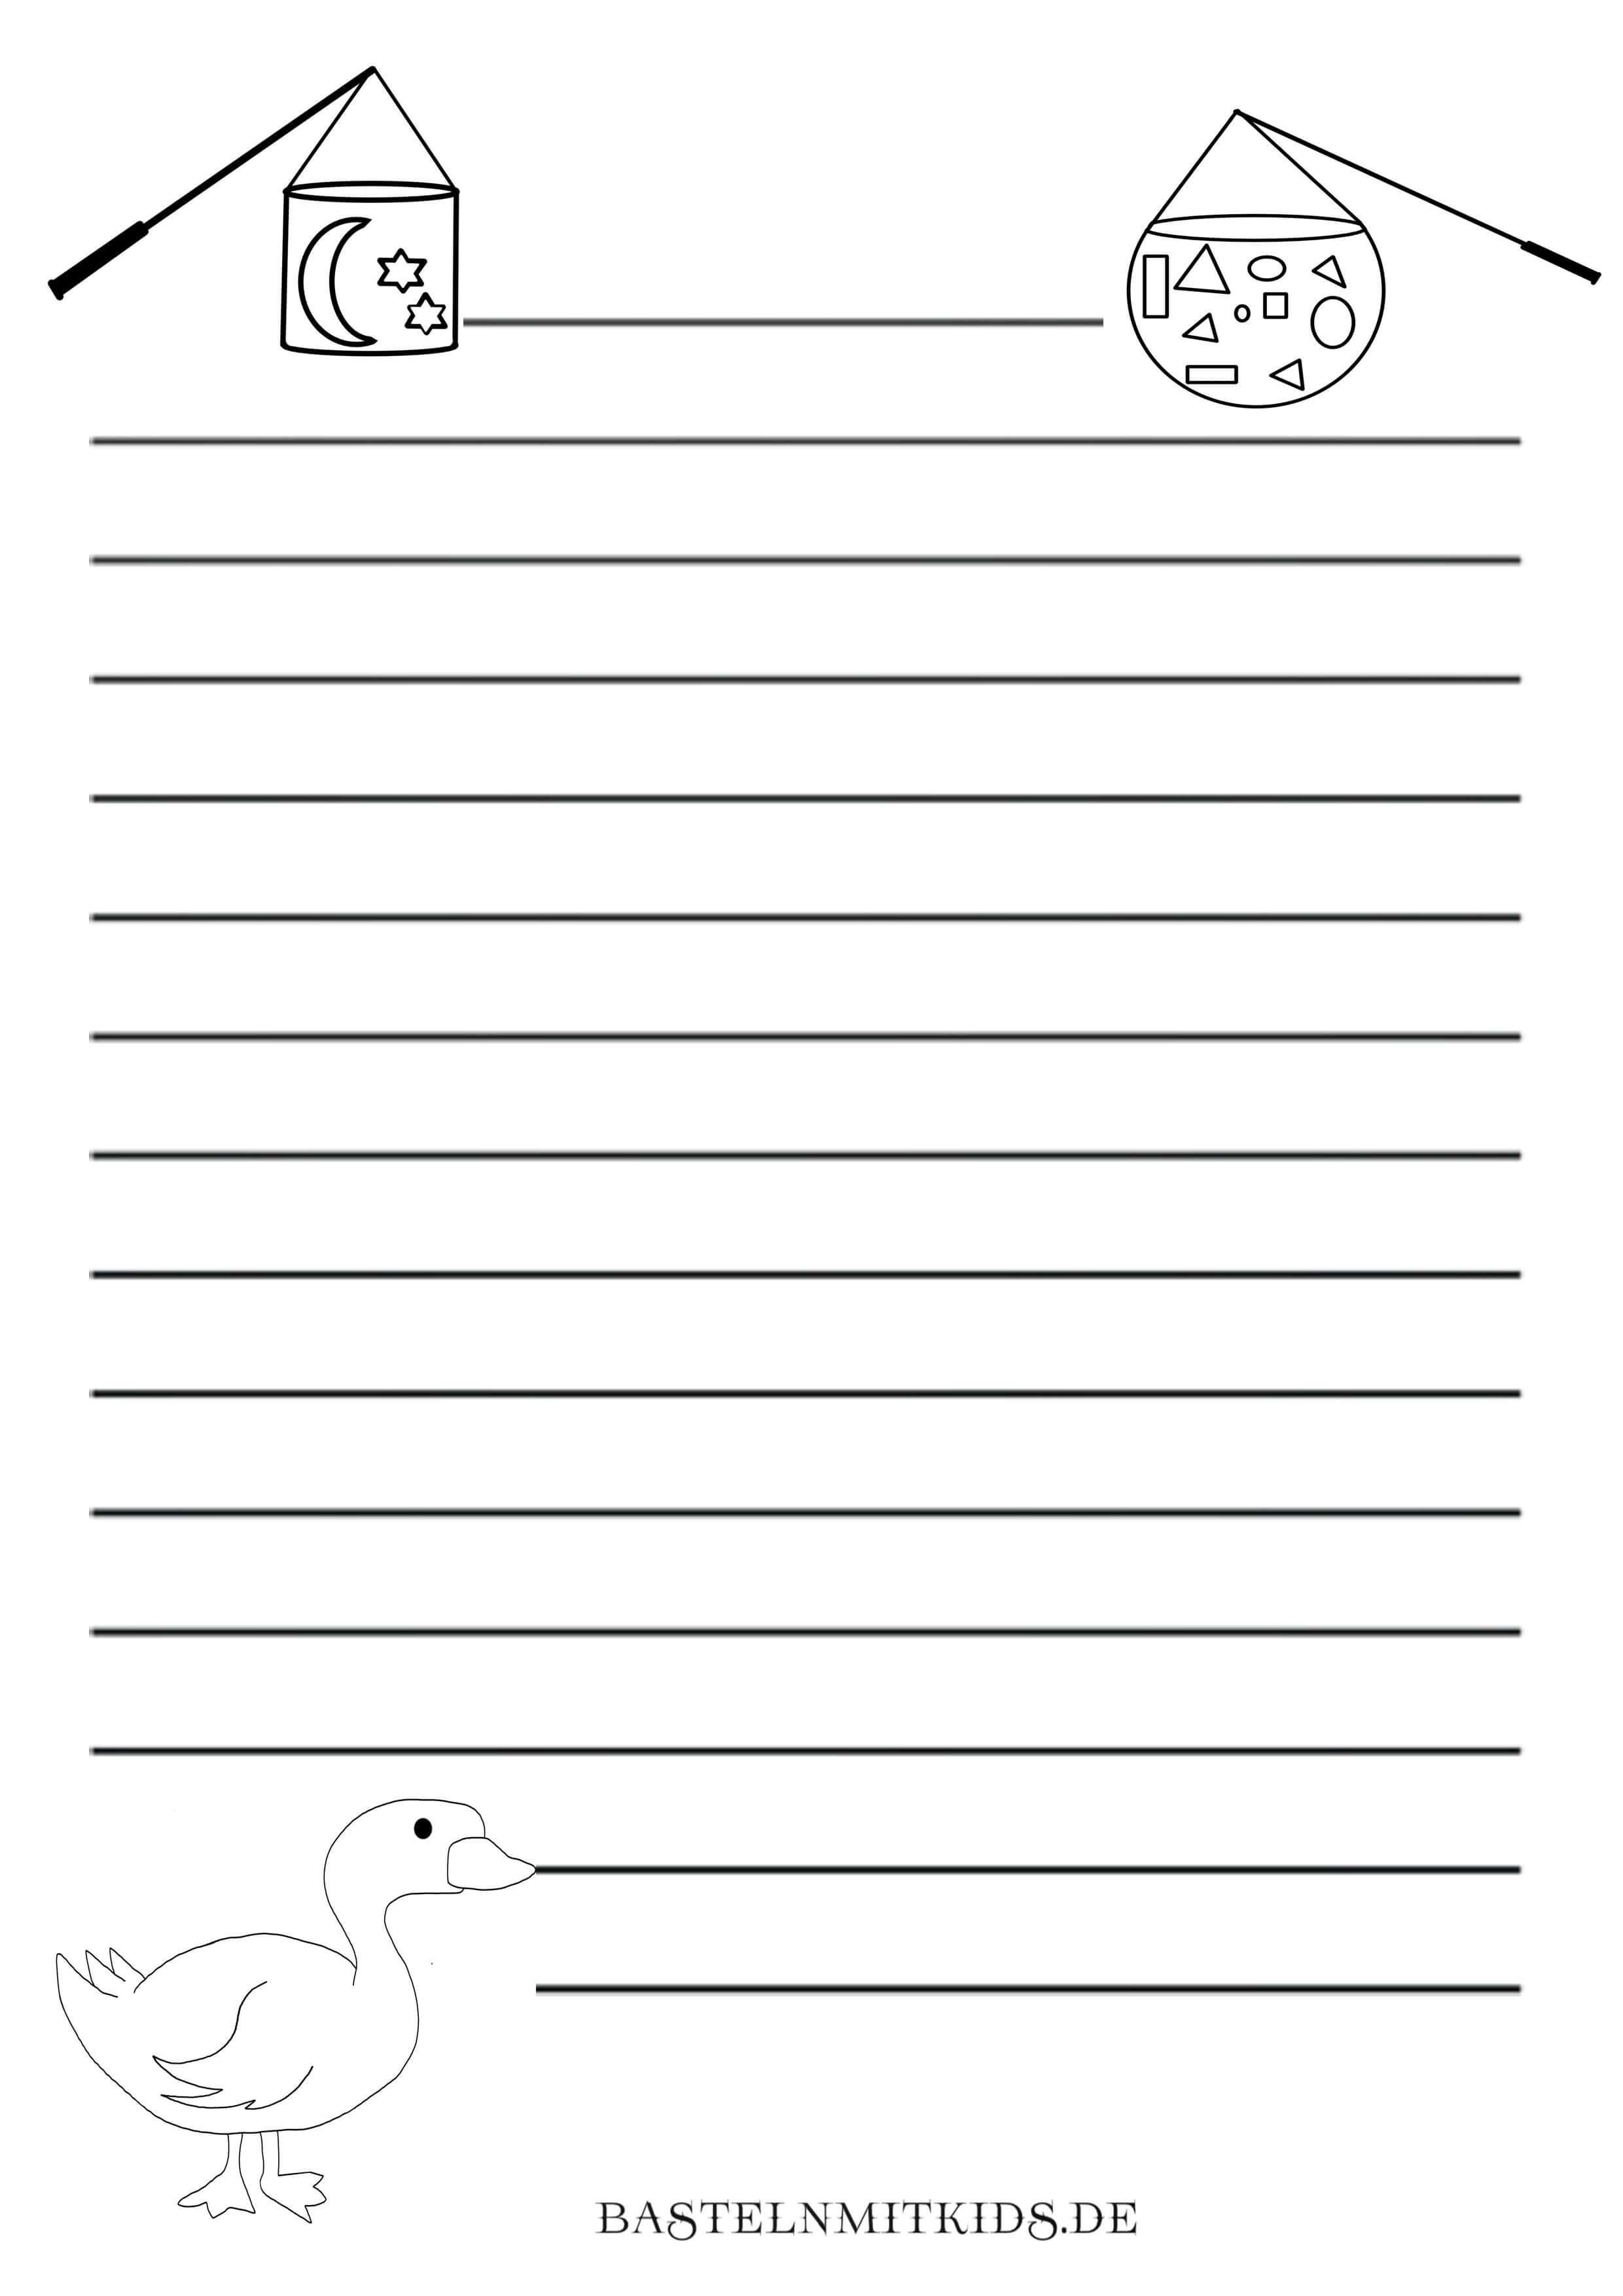 st-martin-kostenloses-briefpapier